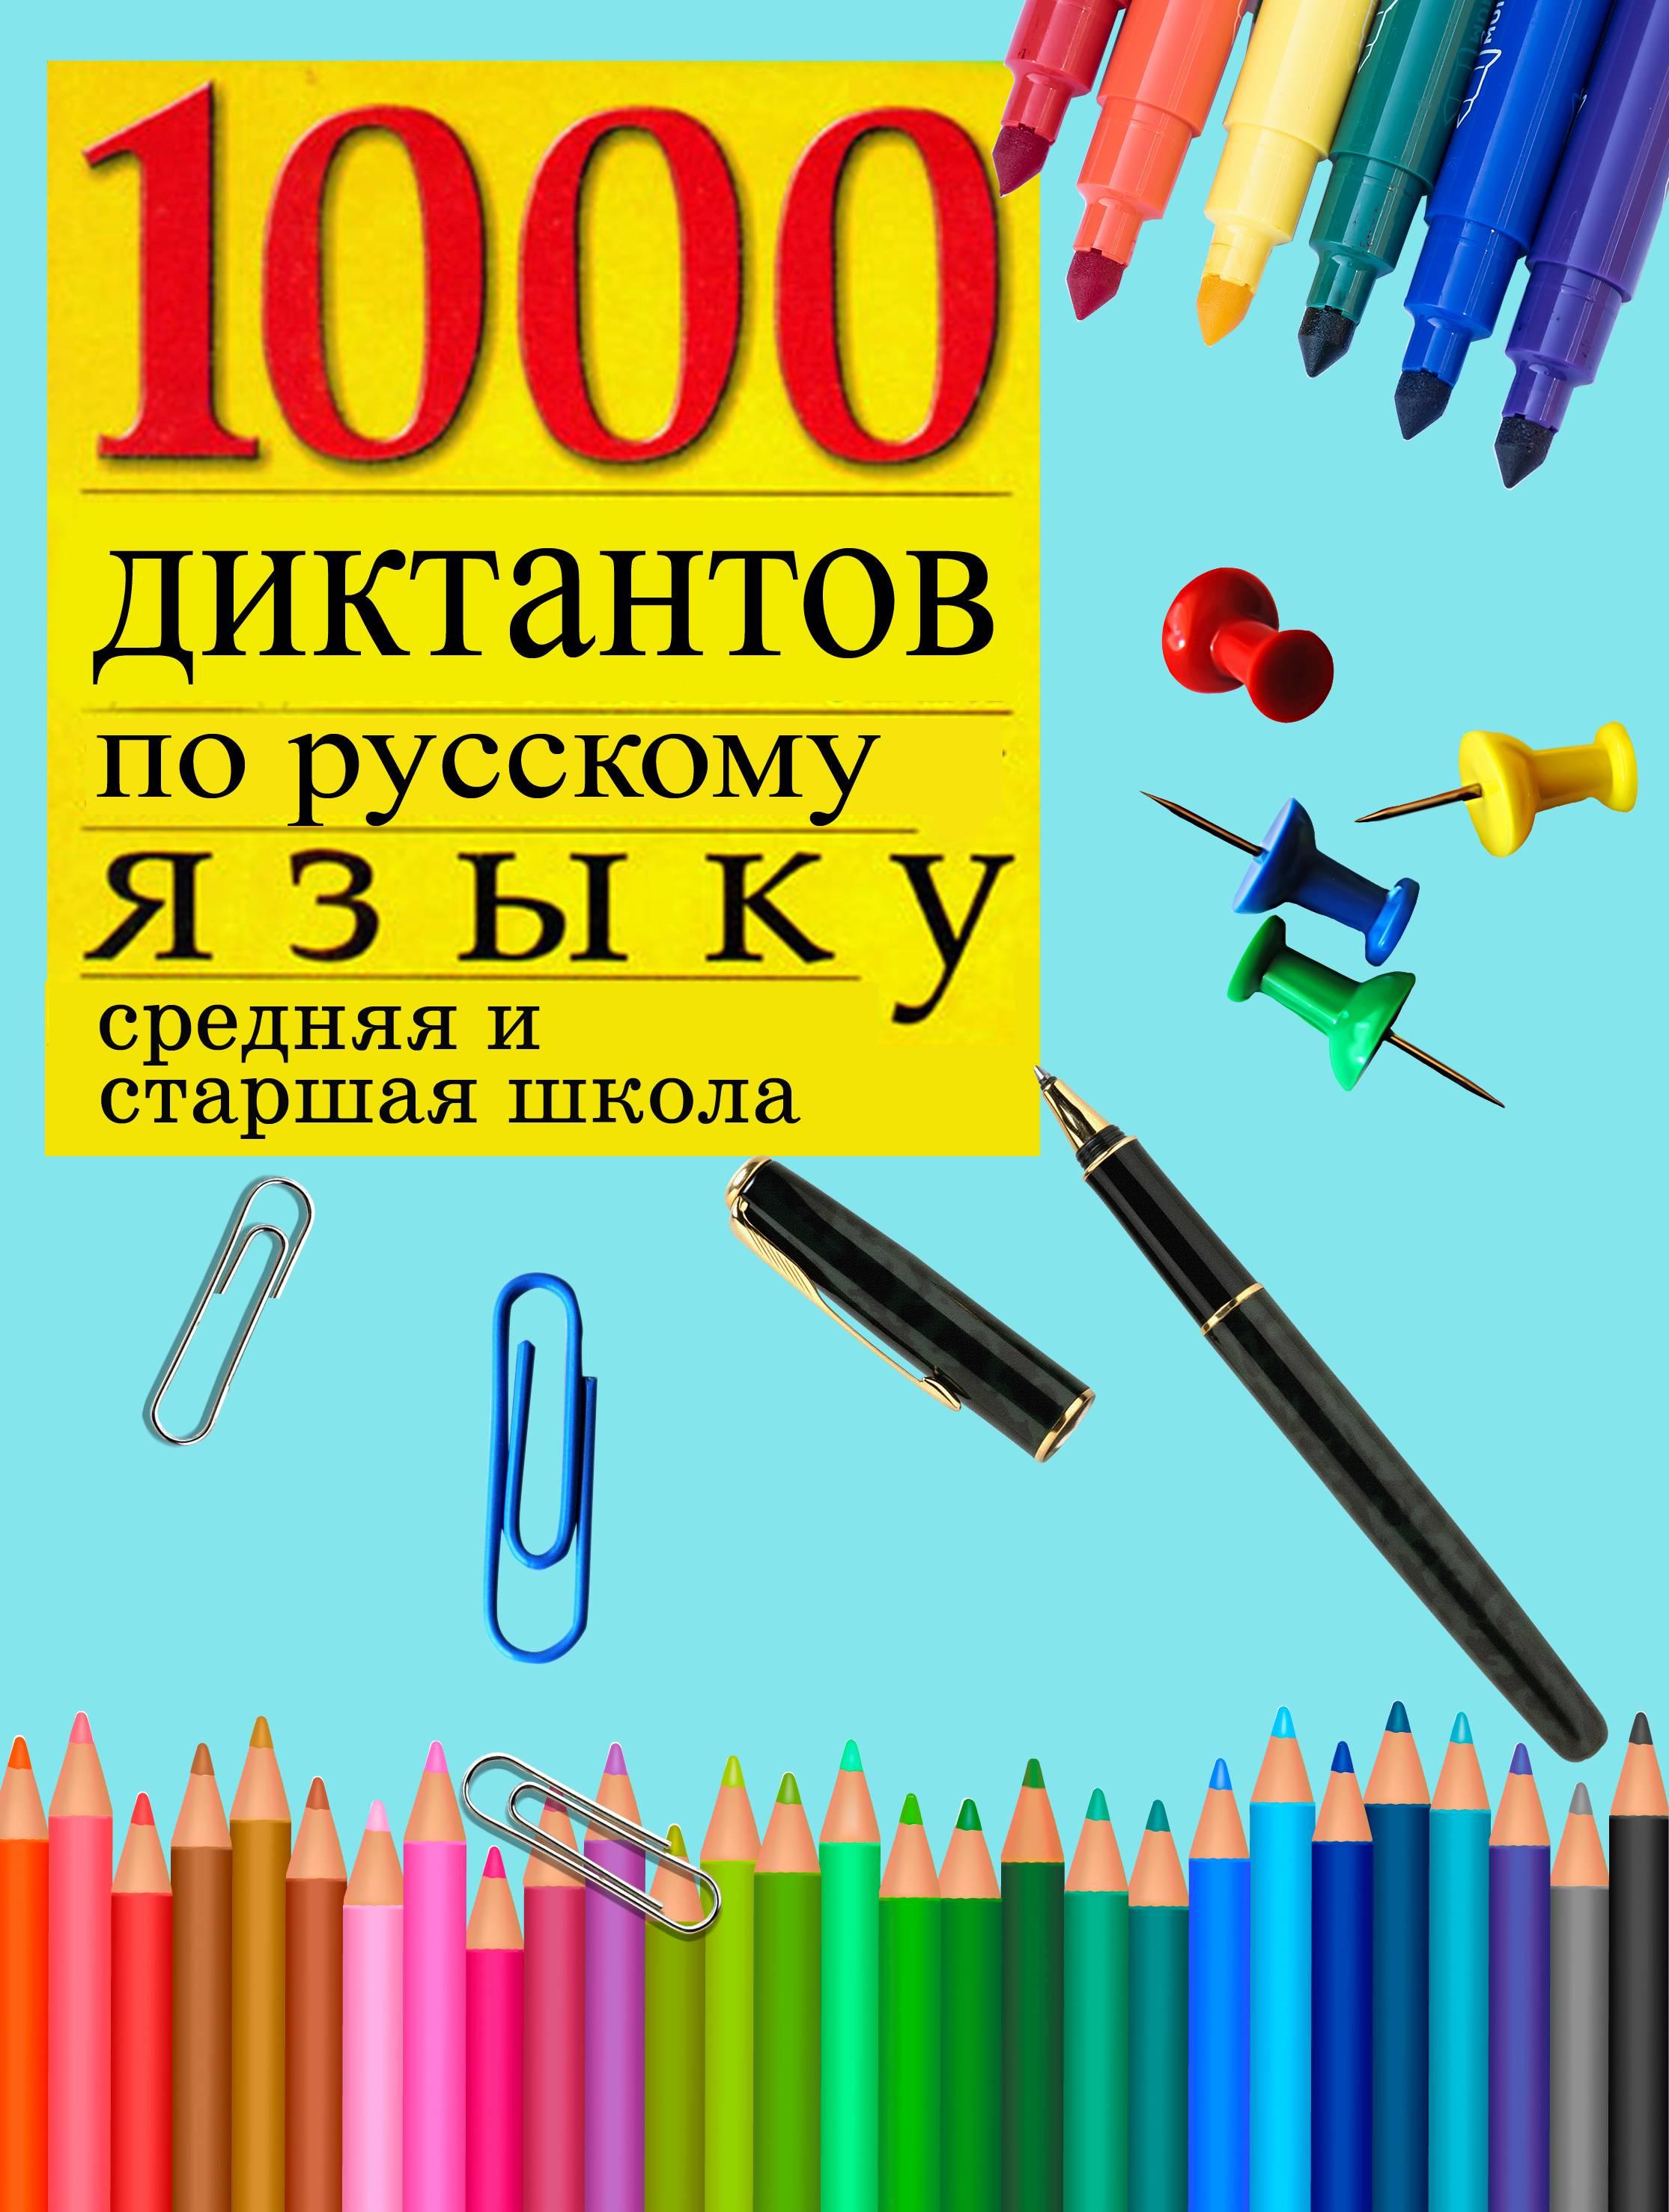 1000 диктантов по русскому языку (средняя, старшая школа)